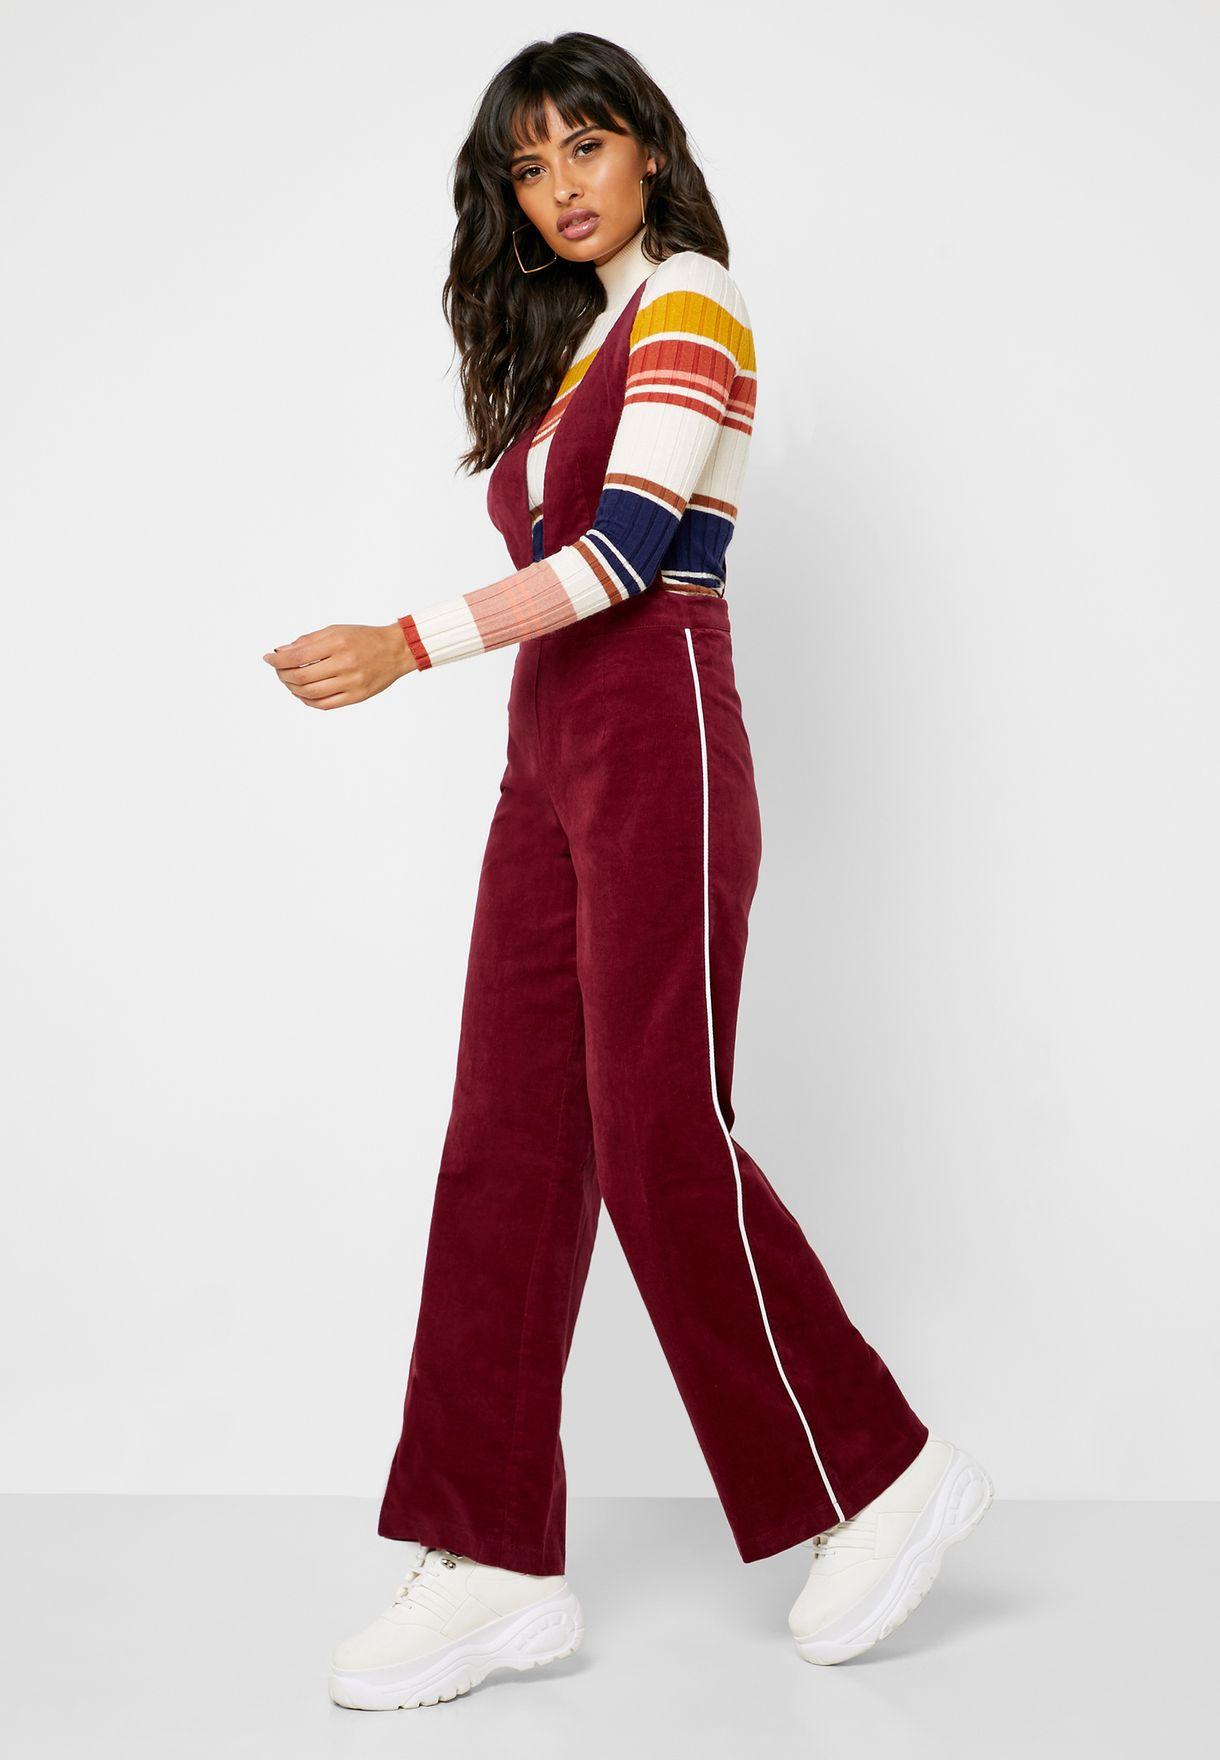 Buy Forever 21 Burgundy Plunge Velour Jumpsuit For Women In Mena Worldwide Globally 20008at22vpp